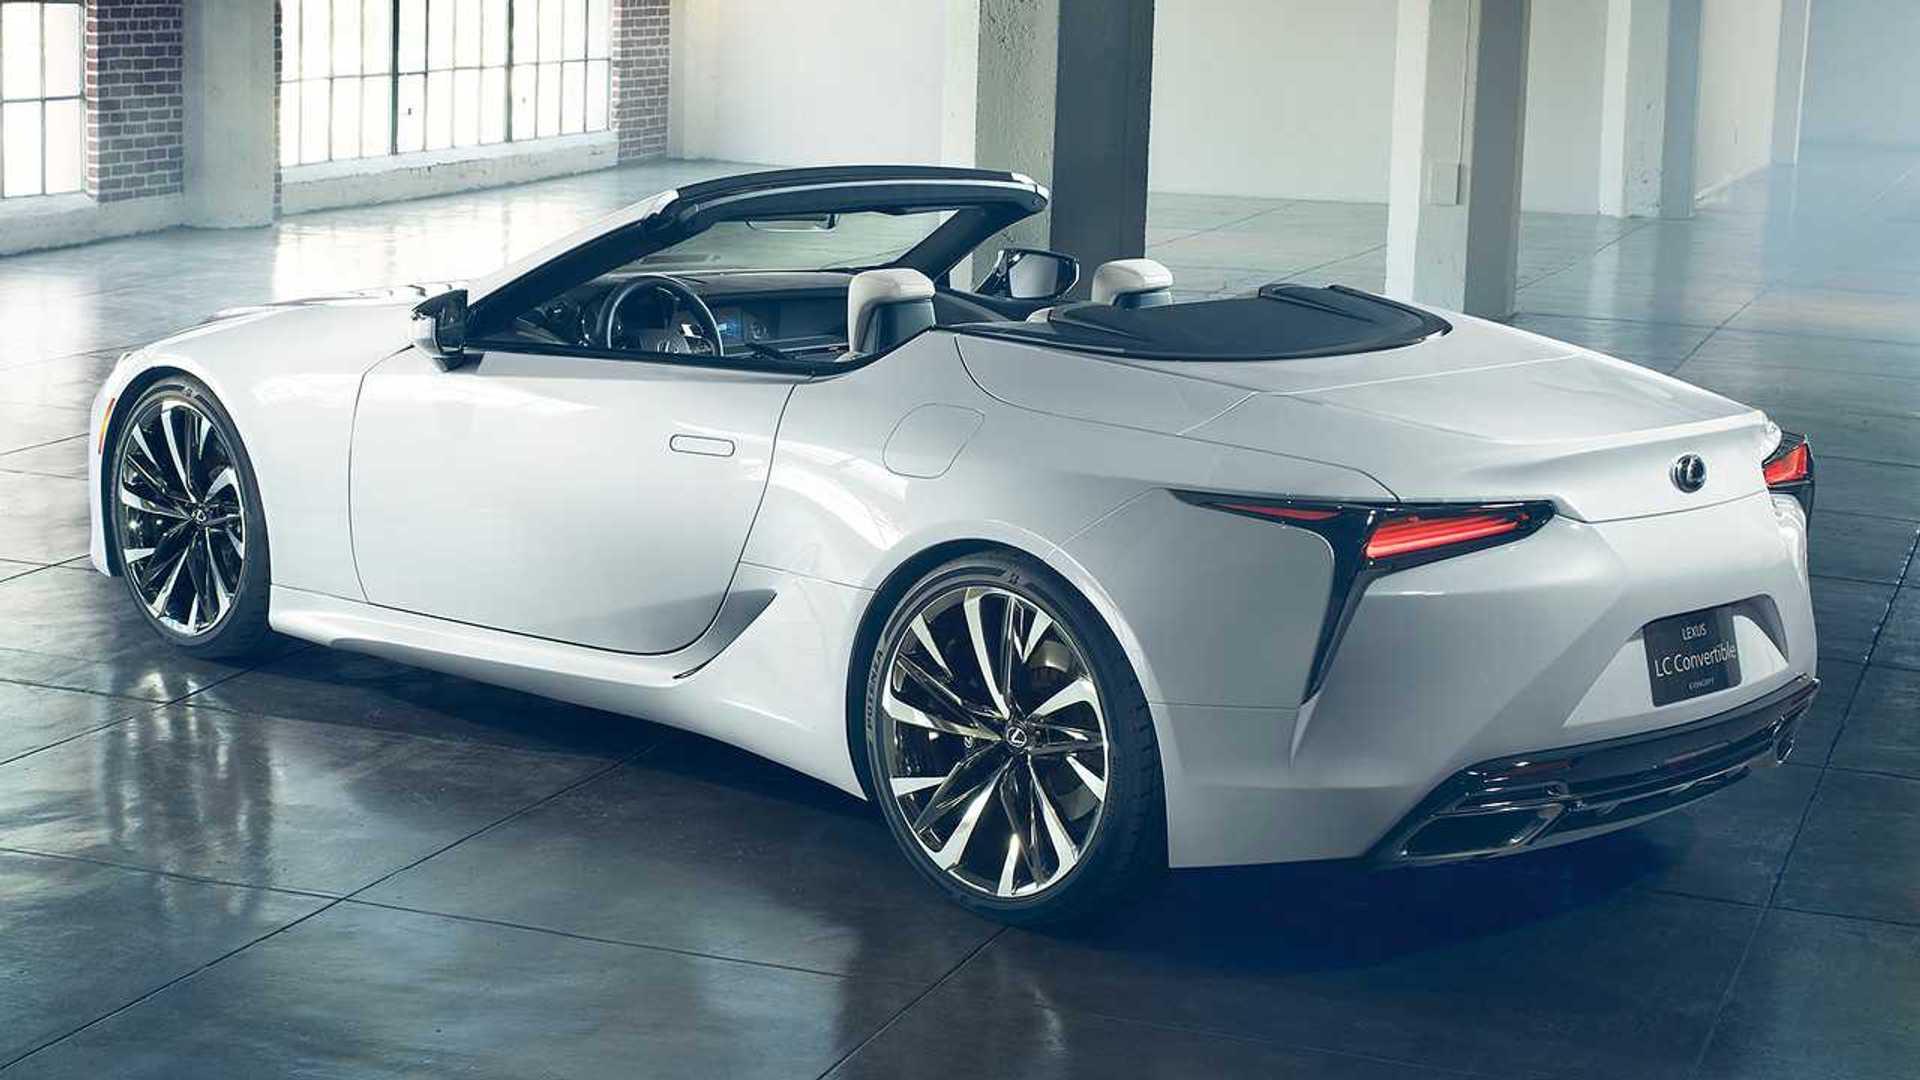 Lexus Convertible 2019 Cost